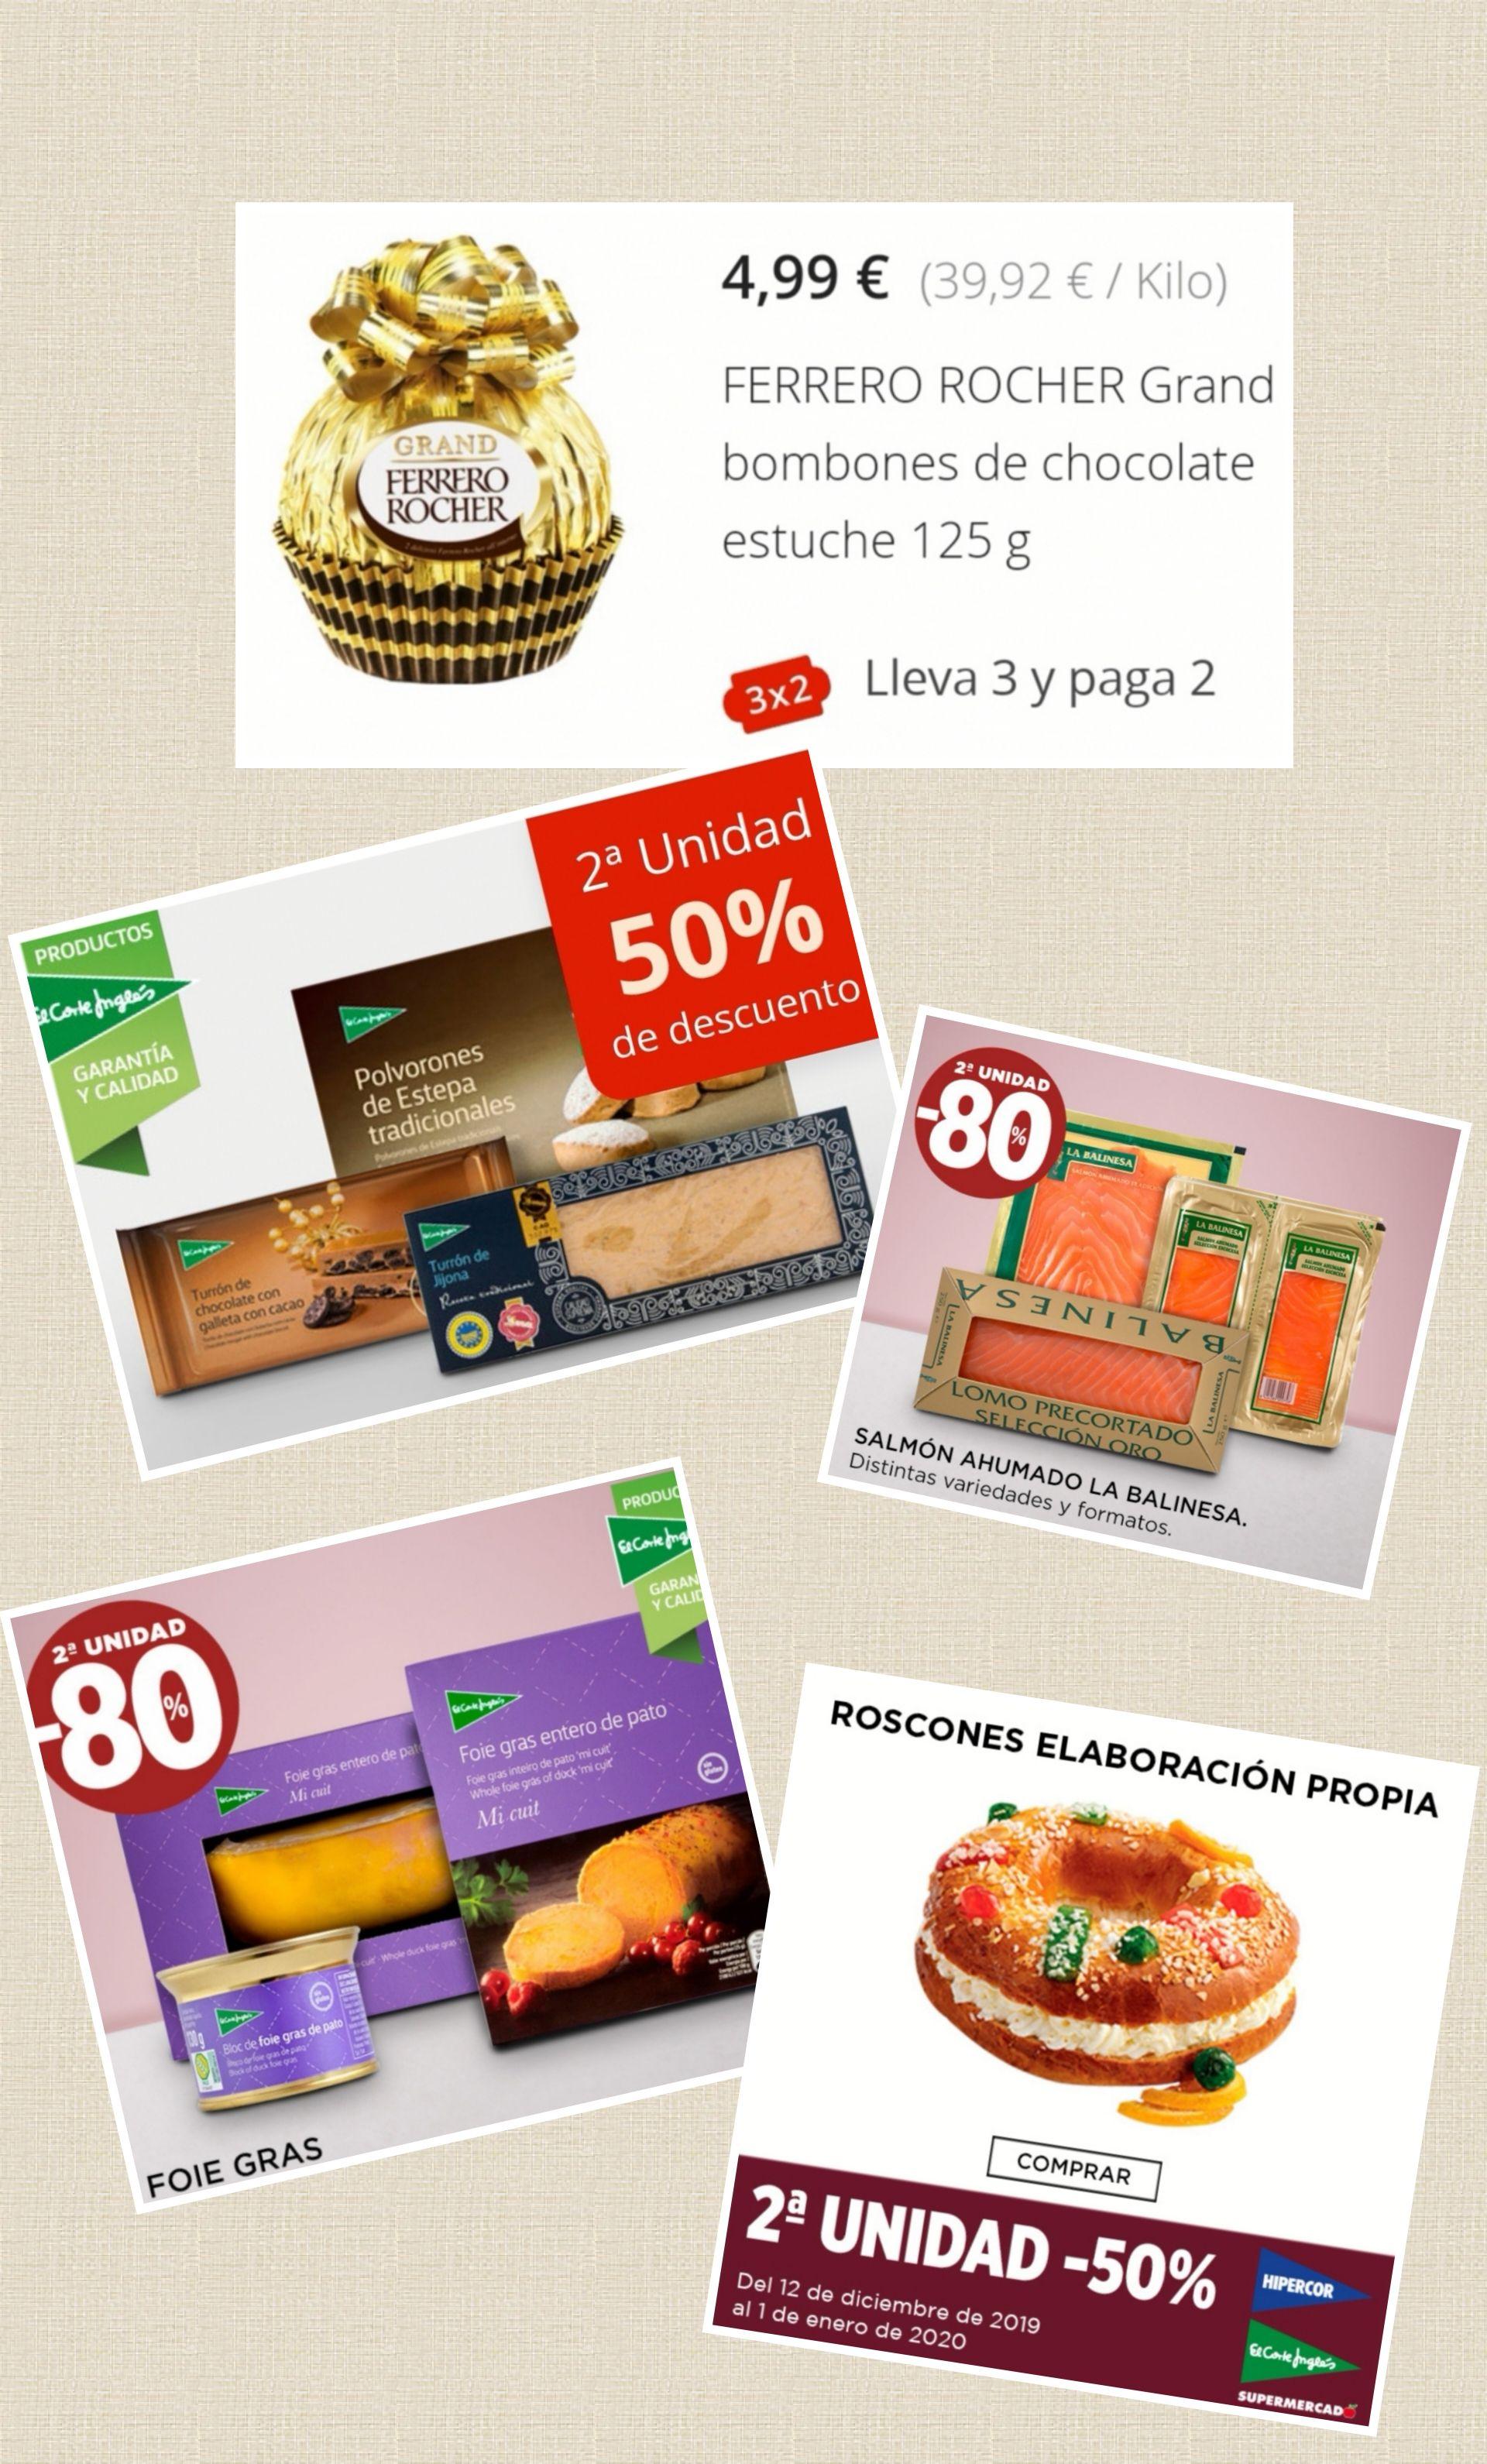 Segunda unidad en Foie Gras - 80% y 2° unidad Roscón de Reyes - 50%.(Más ofertas 3x2 y 2°- 50%).